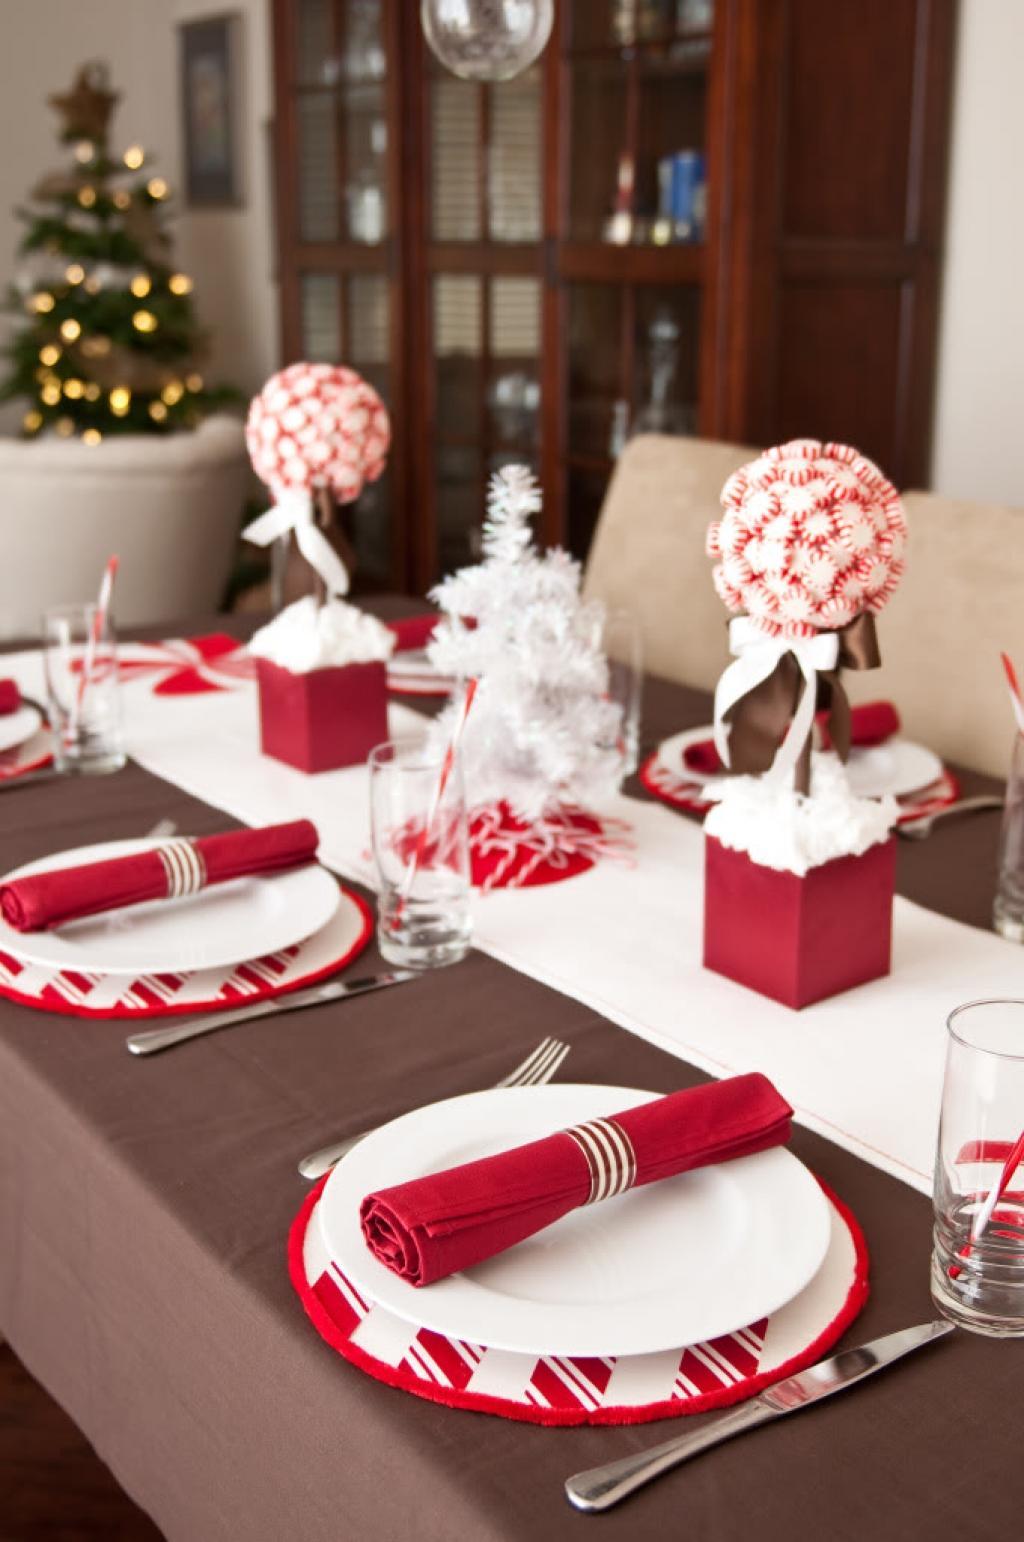 Merveilleux Source: Lifealamodeblog.com Rien De Plus Simple, Une Assiette  Rectangulaire, Des Bougies Et Des Bonbons.